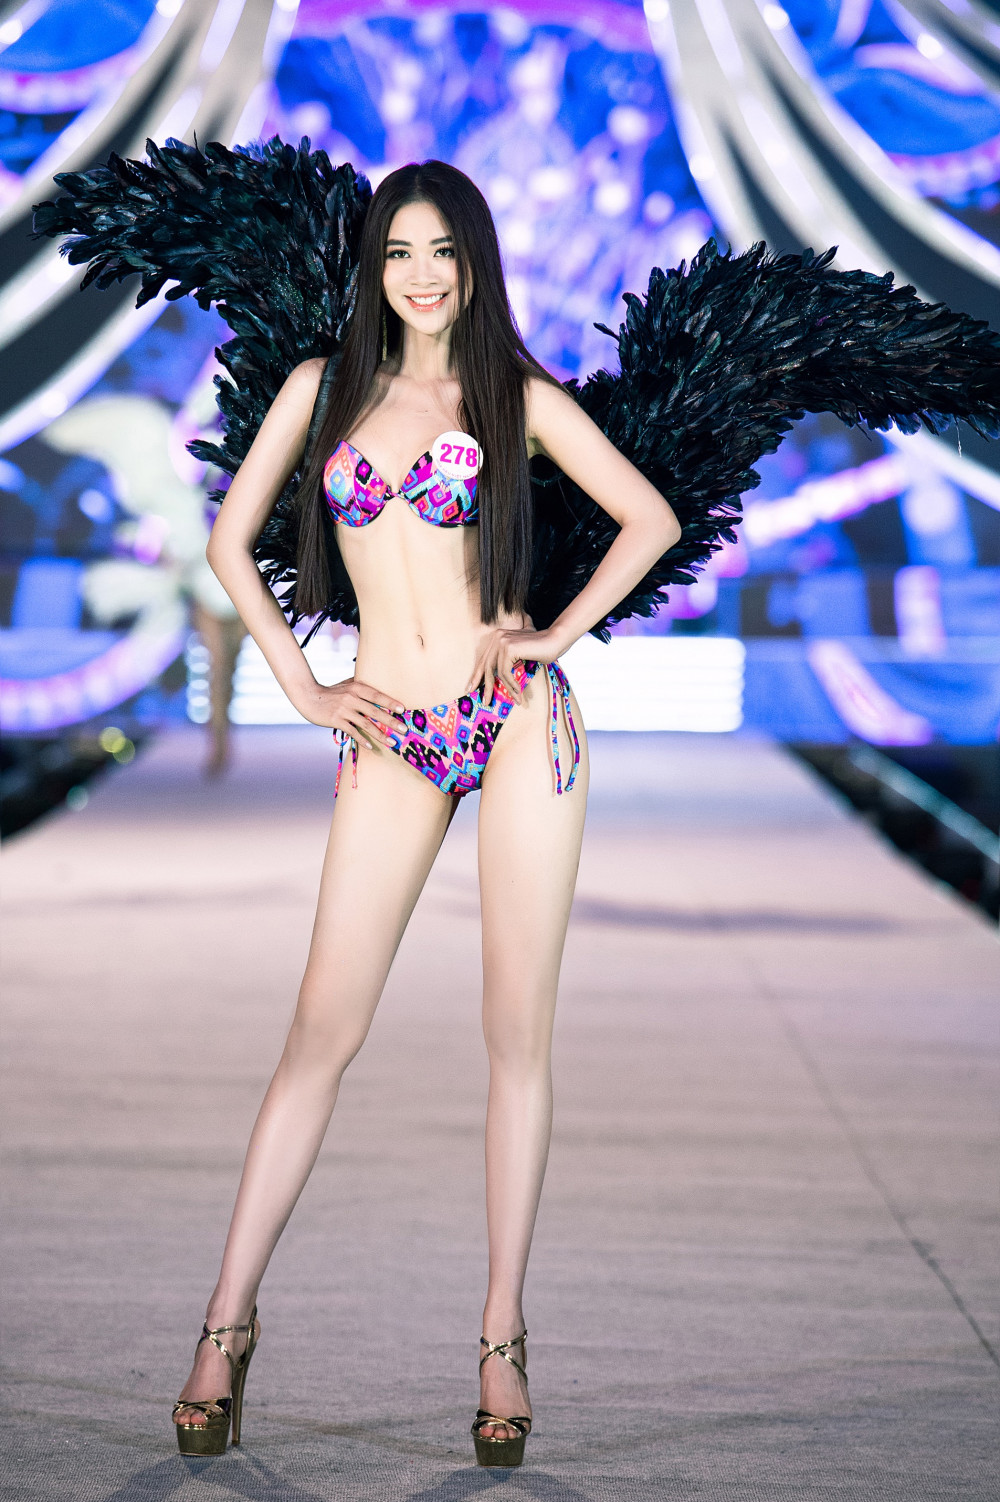 Thí sinh Vũ Quỳnh Trang có số đo nổi bật, cân đối 84-60-94. Cô từng dự thi Hoa hậu Hoàn vũ Việt Nam 2019, vào top 15.